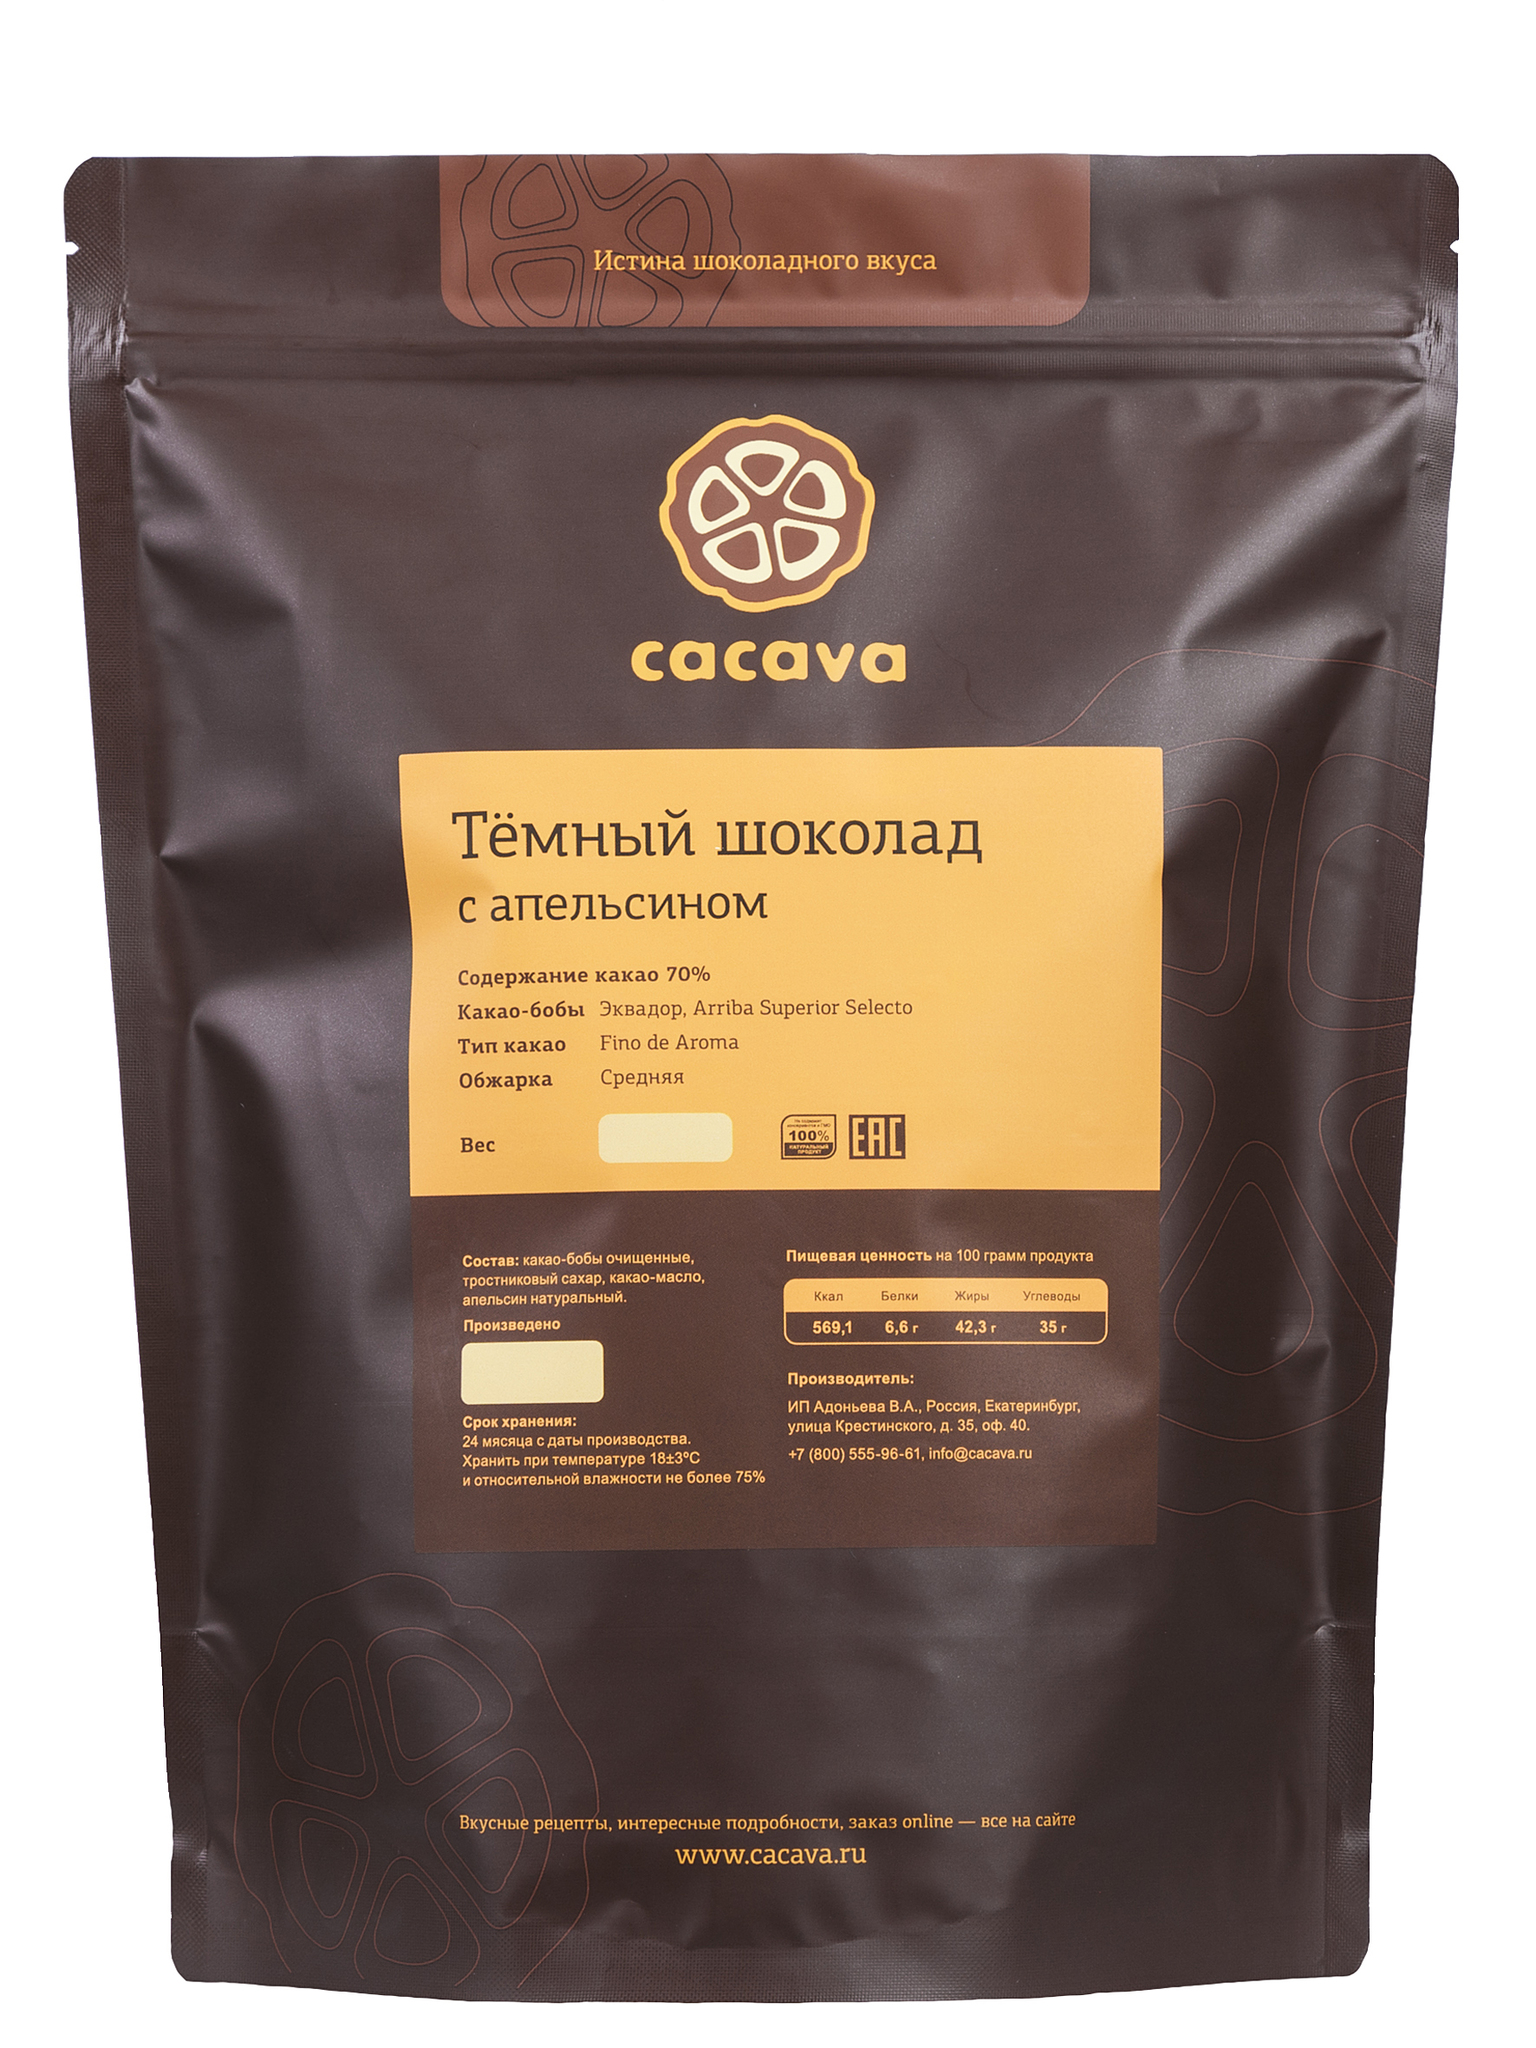 Тёмный шоколад с апельсином 70 % какао (Эквадор), упаковка 1 кг